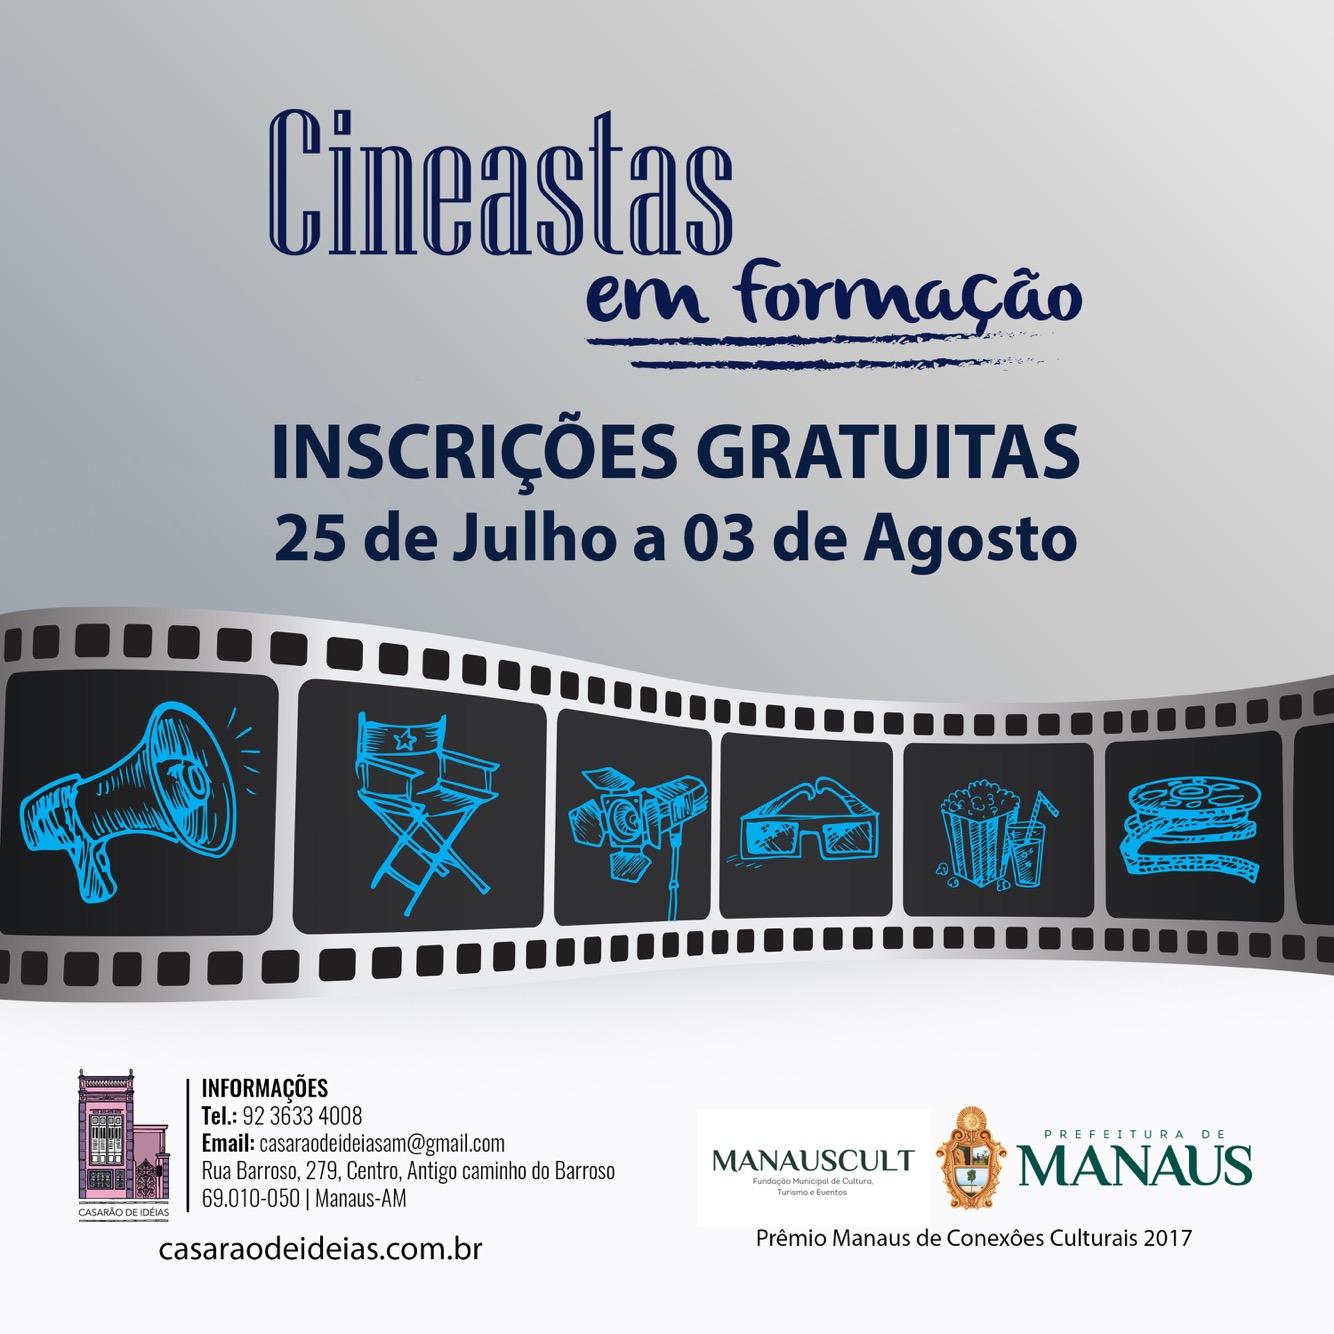 Casarão de Ideias abre inscrições para curso gratuito 'Cineastas em Formação'